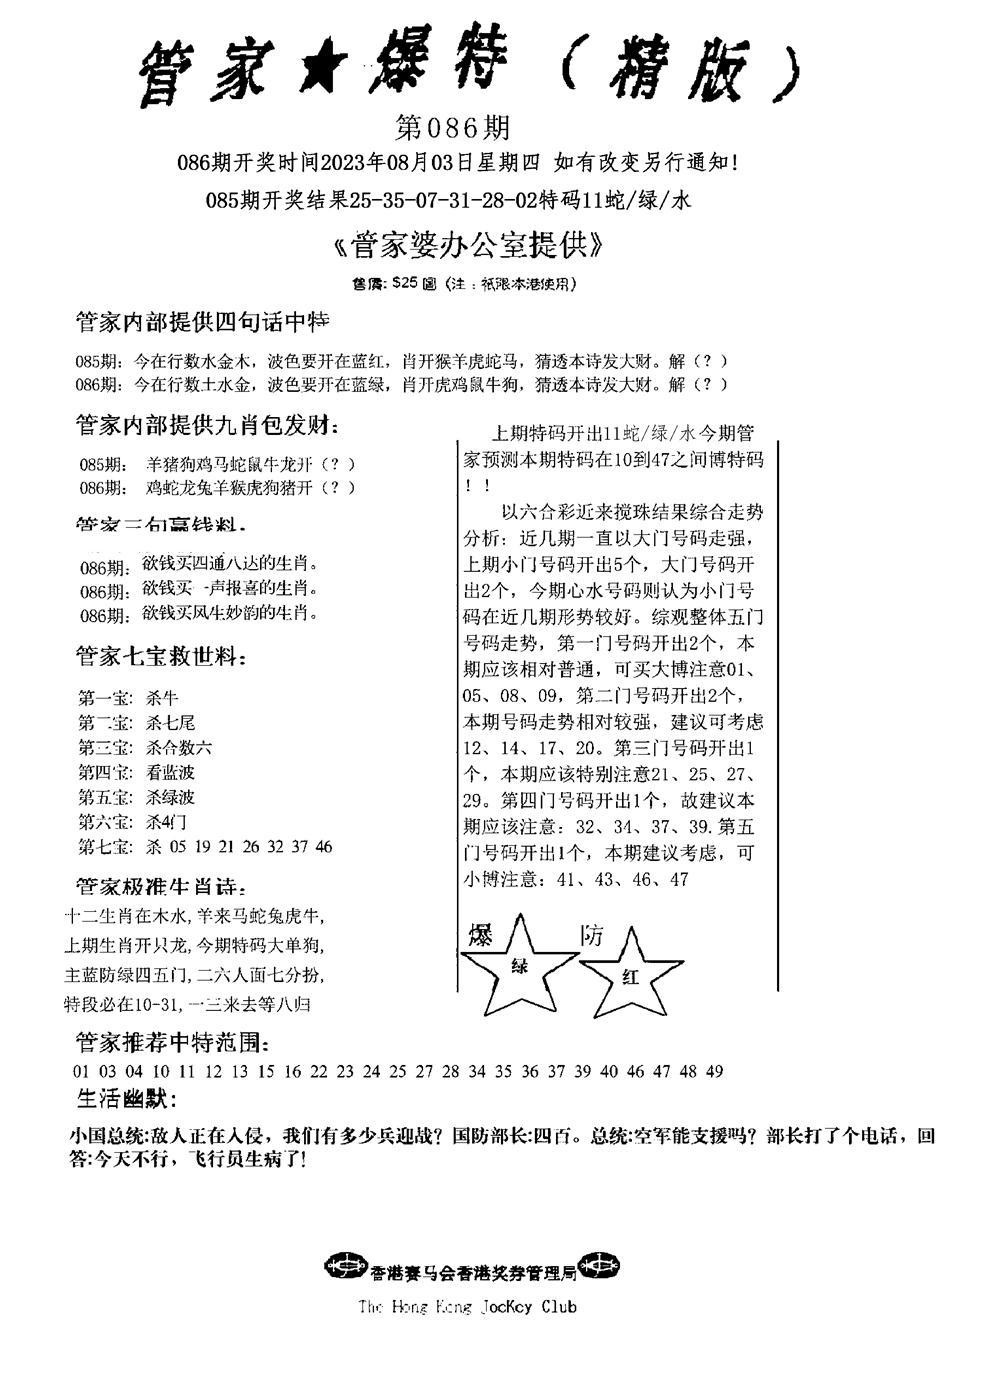 086期管家爆特精版(黑白)